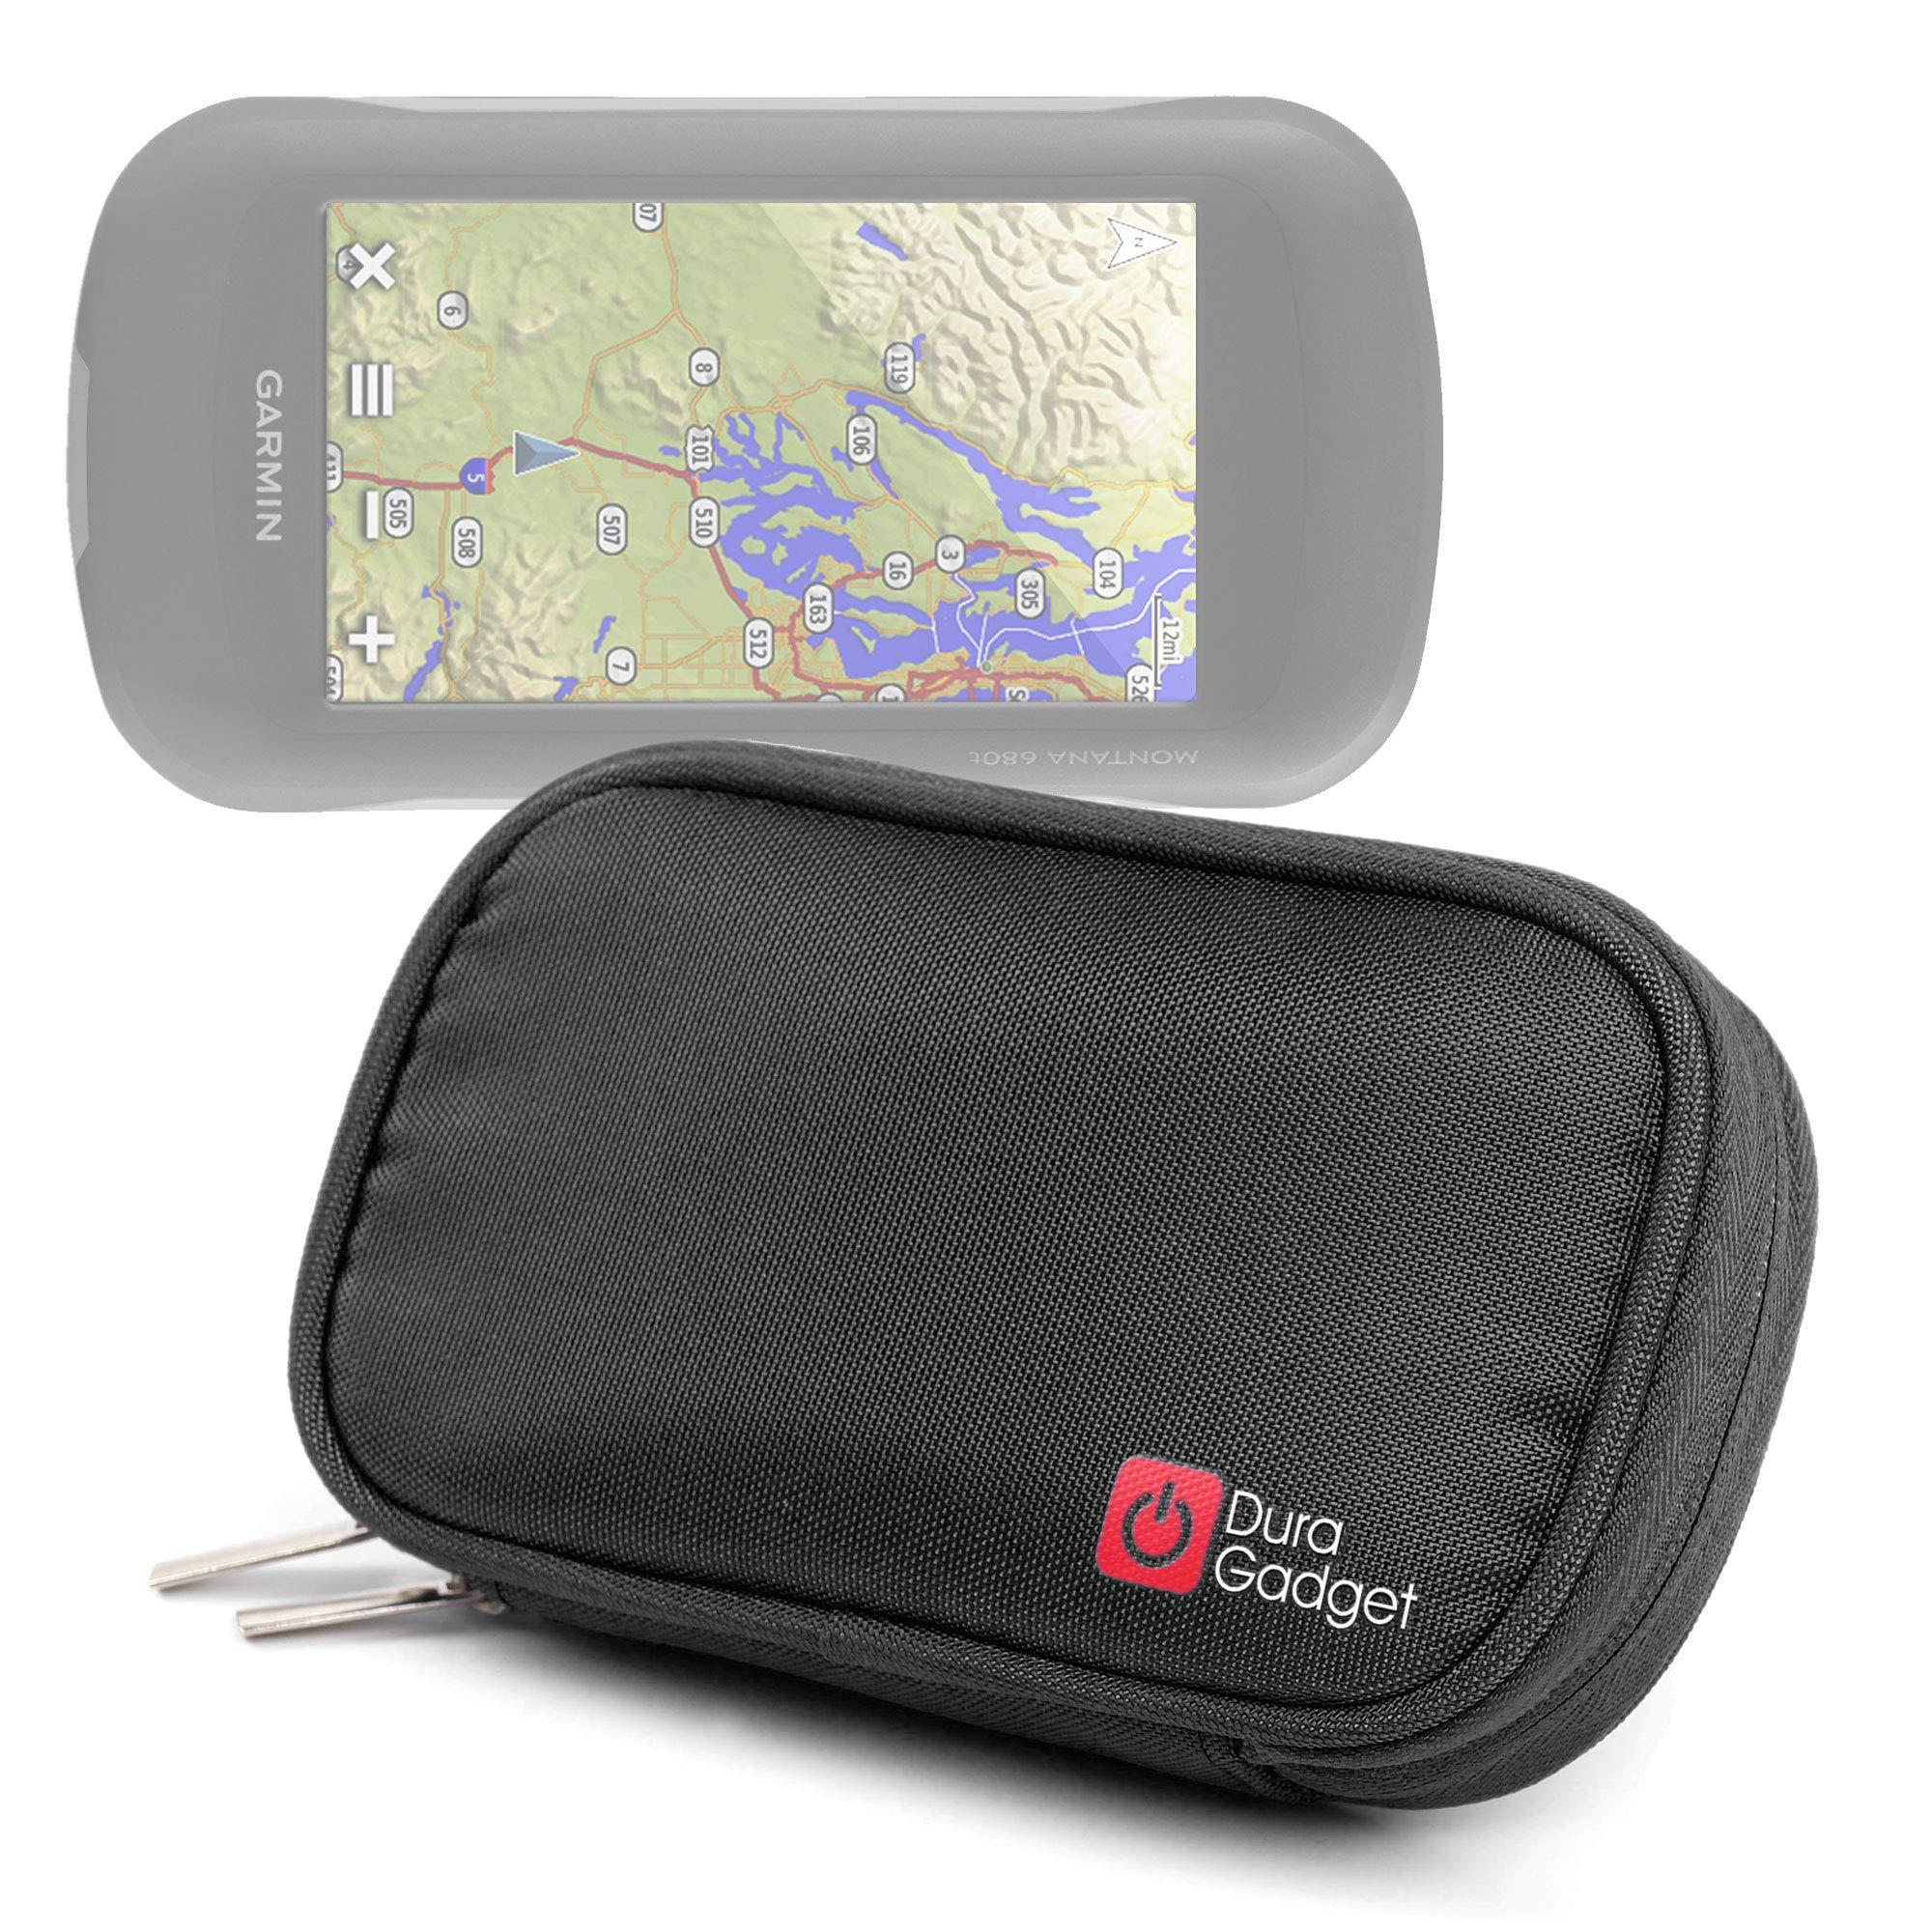 Funda de neopreno para GPS de navegación GPS Garmin Montana/610, 680, 5000, TomTom 680T Trucker enganche para cinturón y asa: Amazon.es: Electrónica